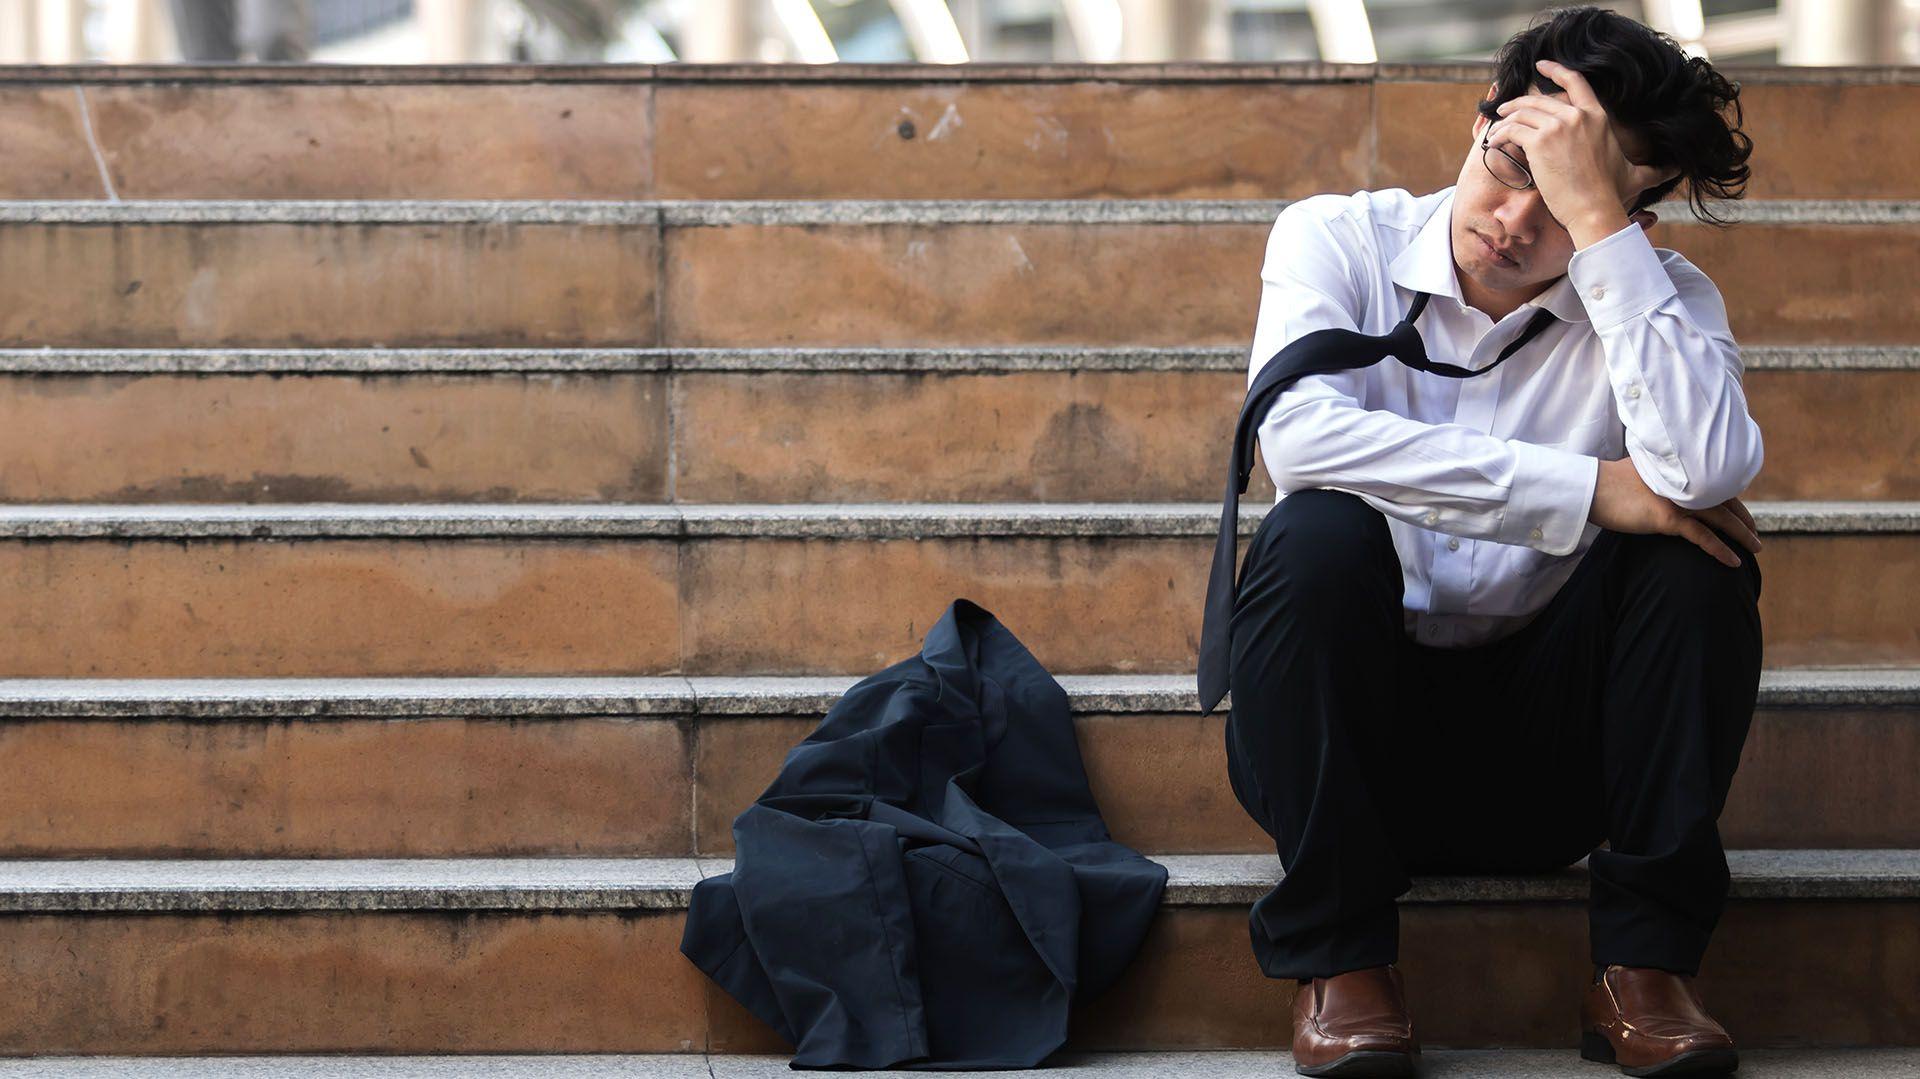 Algunos economistas estiman que la tasa de desocupación sería mucho mayor si no hubiera caído fuerte la tasa de actividad y empleo